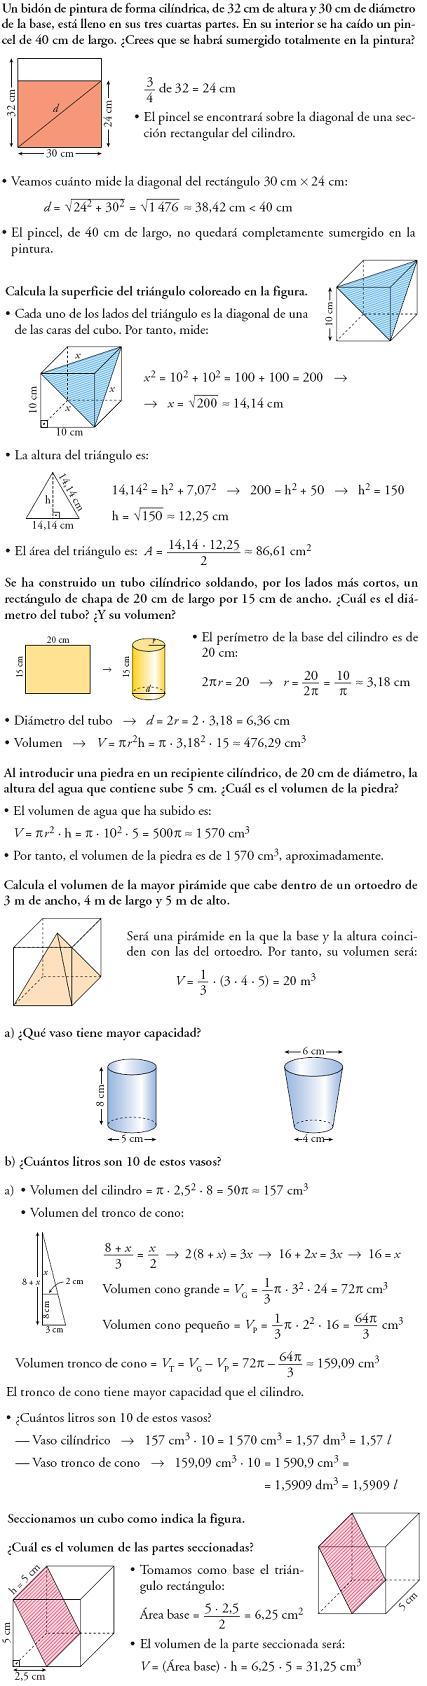 Matemáticas. Piensa y resuelve. Problemas resueltos 3ºESO de figuras en el espacio